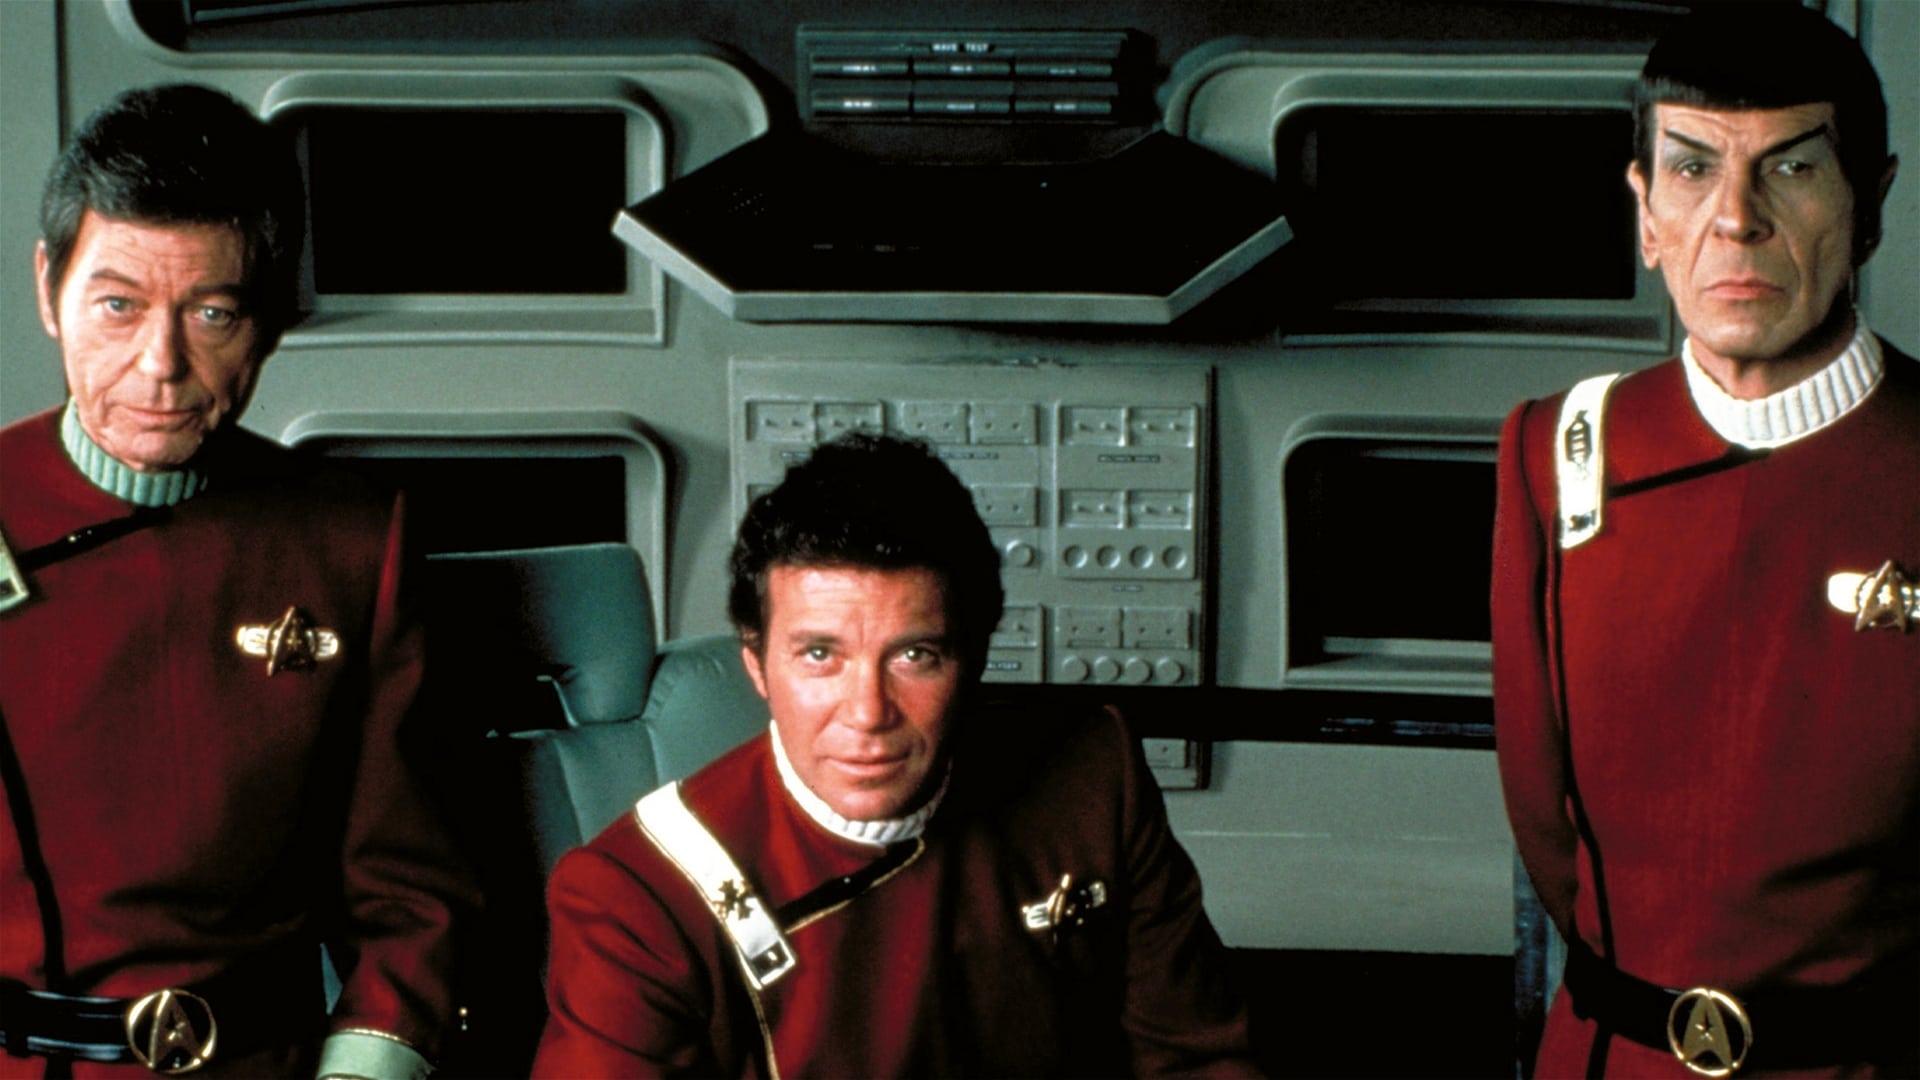 Viaje a las Estrellas 2: La ira de Khan